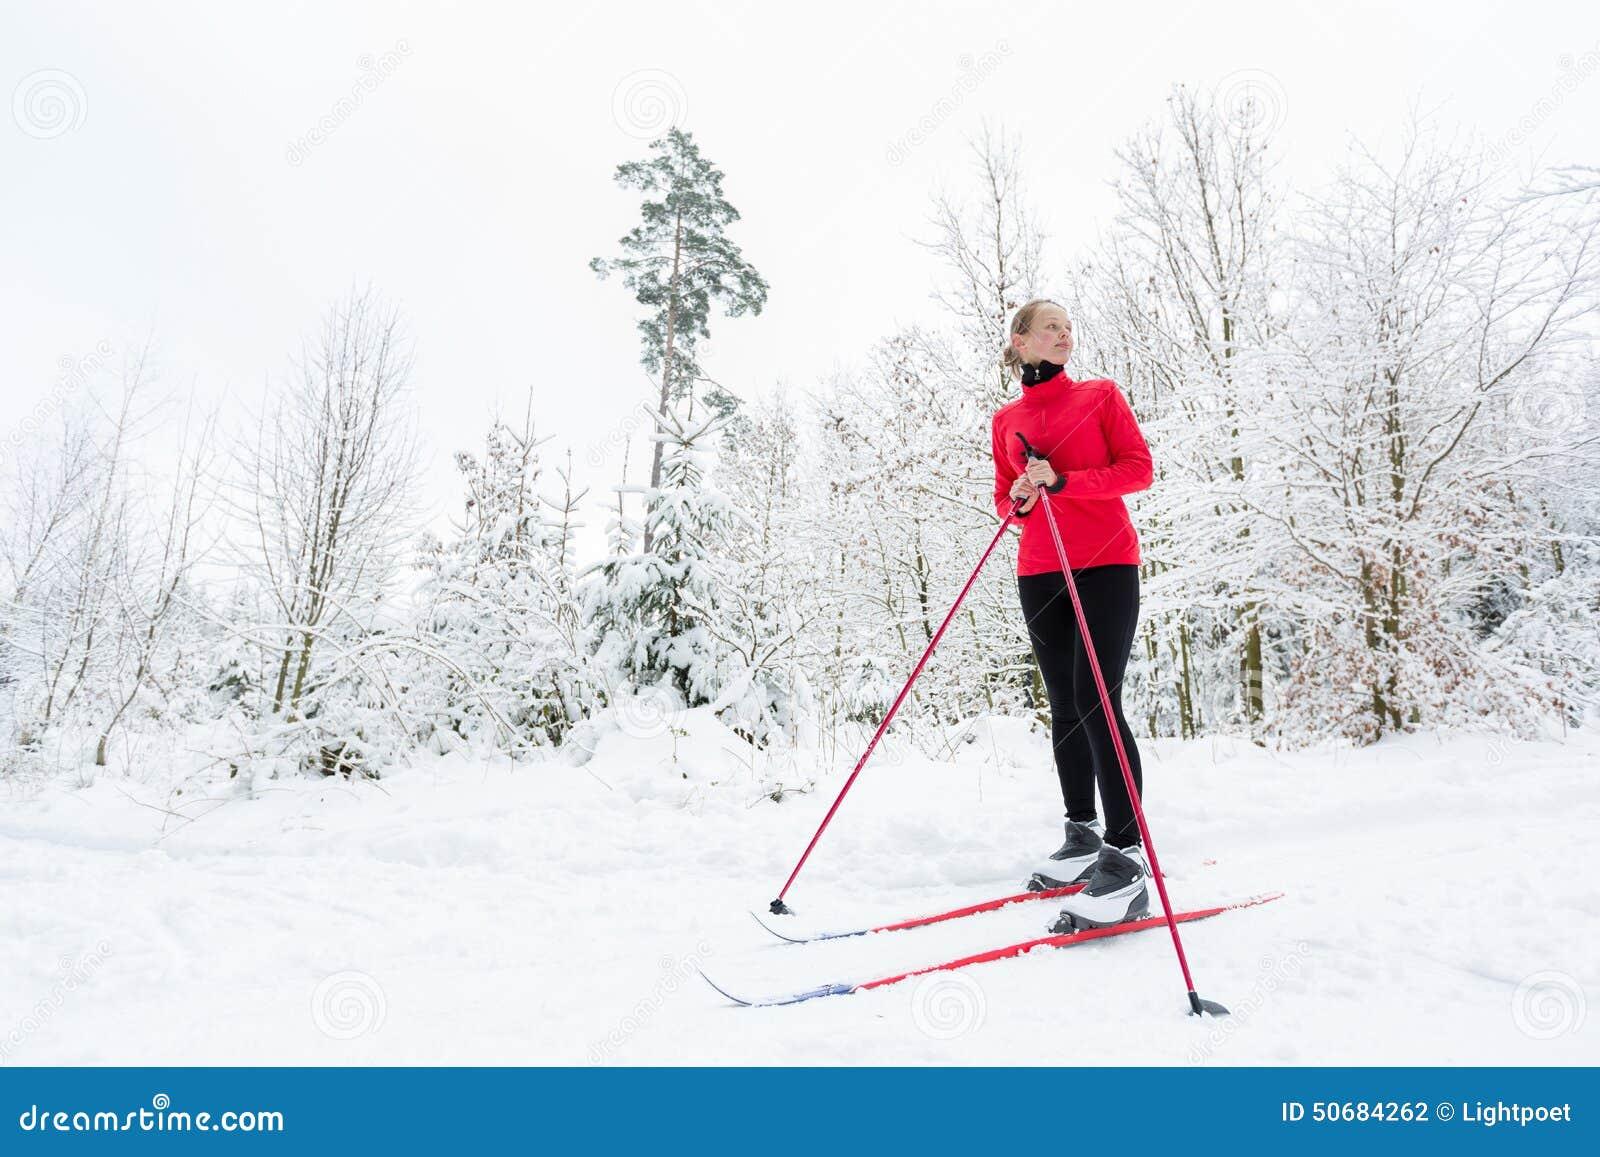 Download 速度滑雪:少妇速度滑雪 库存照片. 图片 包括有 放松, 发现, 国家(地区), 相当, 女性, 户外, 本质 - 50684262